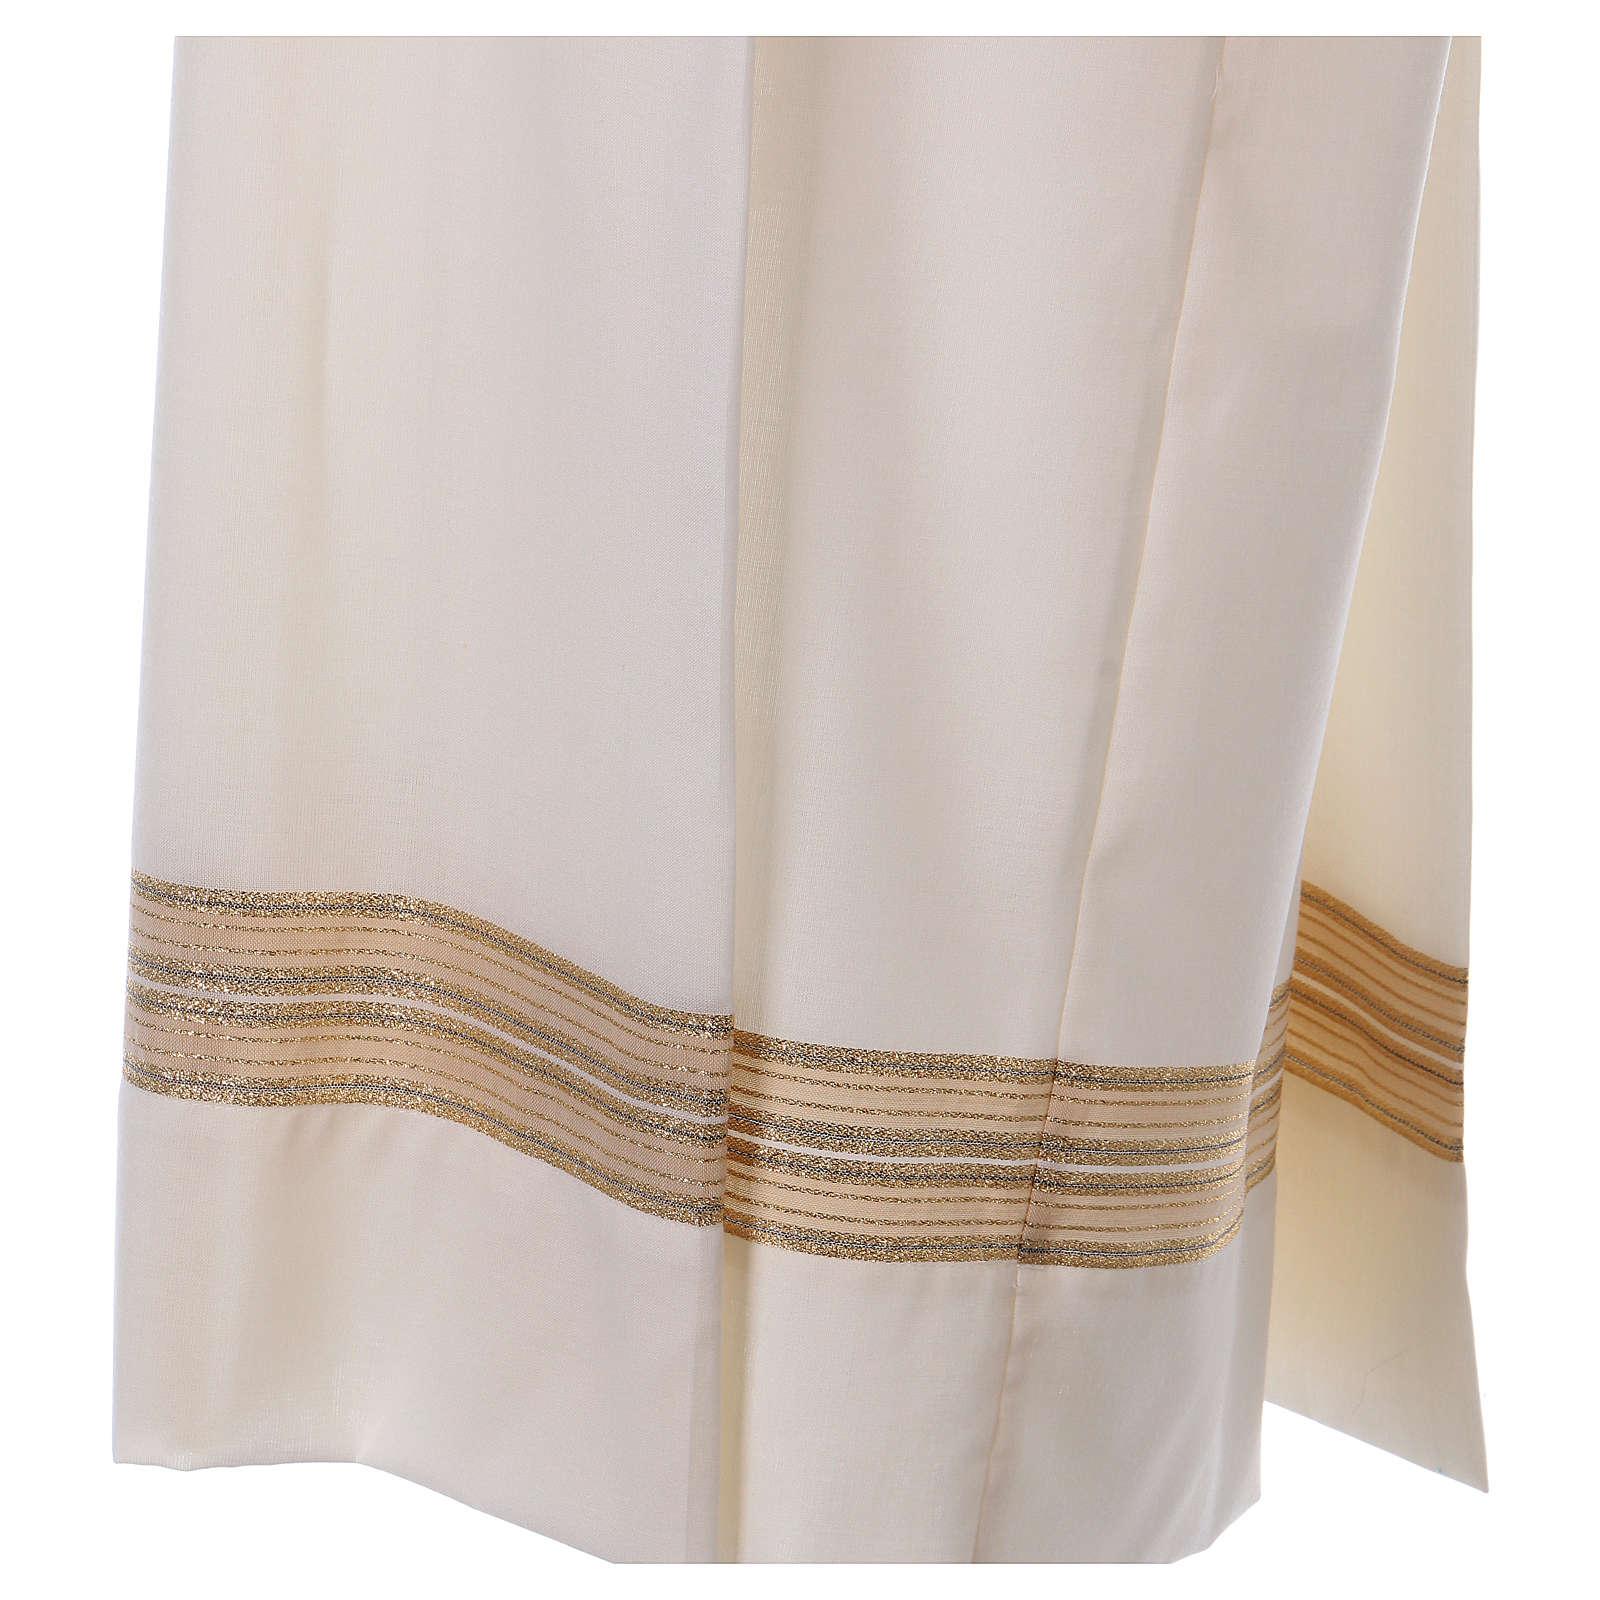 Camice avorio 55% poliestere 45% lana cerniera spalla 4